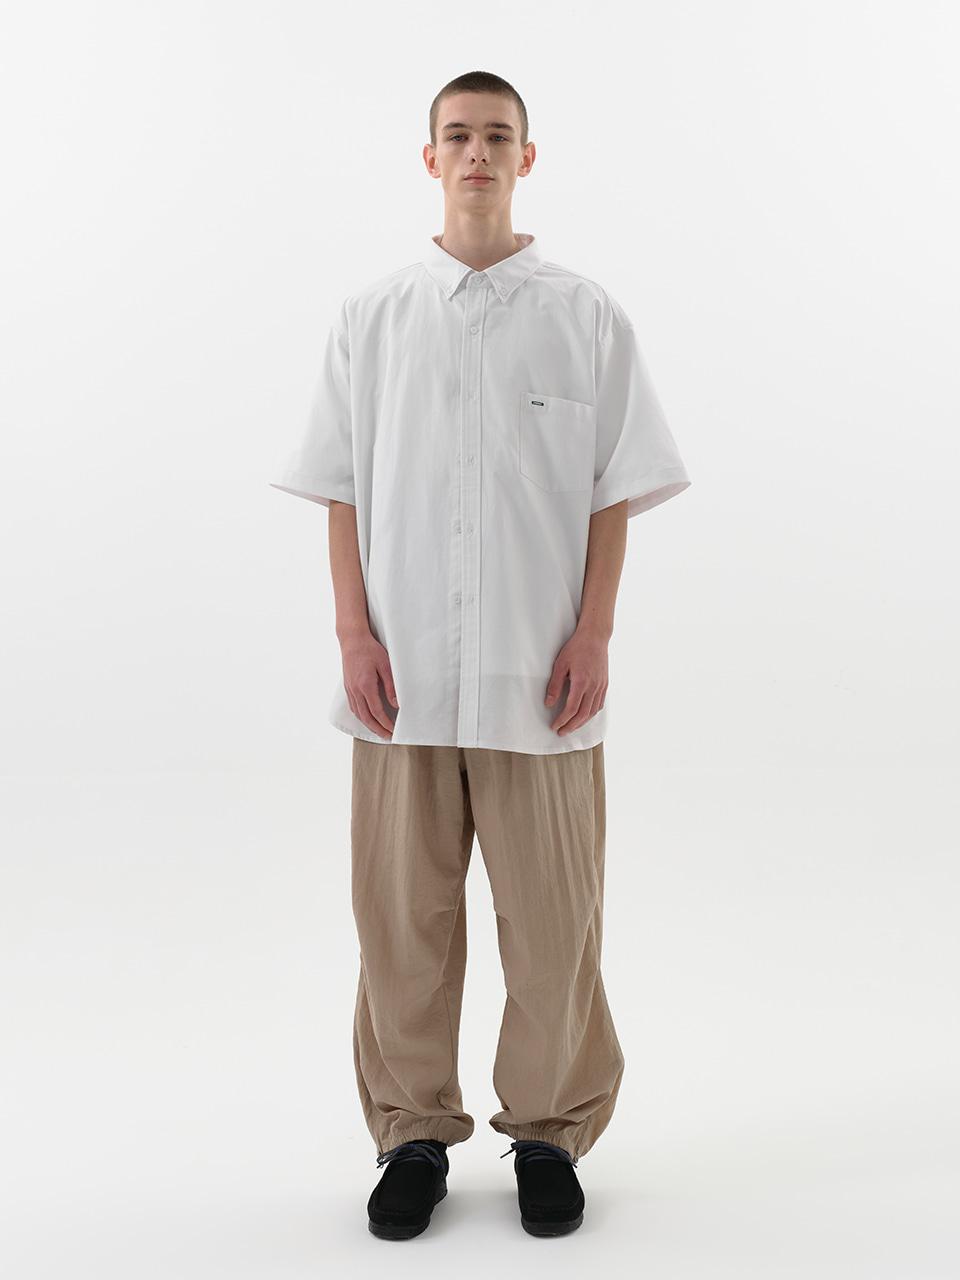 사운즈라이프(SOUNDSLIFE) [SM21 SOUNDSLIFE] Short Sleeve Shirt Big Boy Fit White